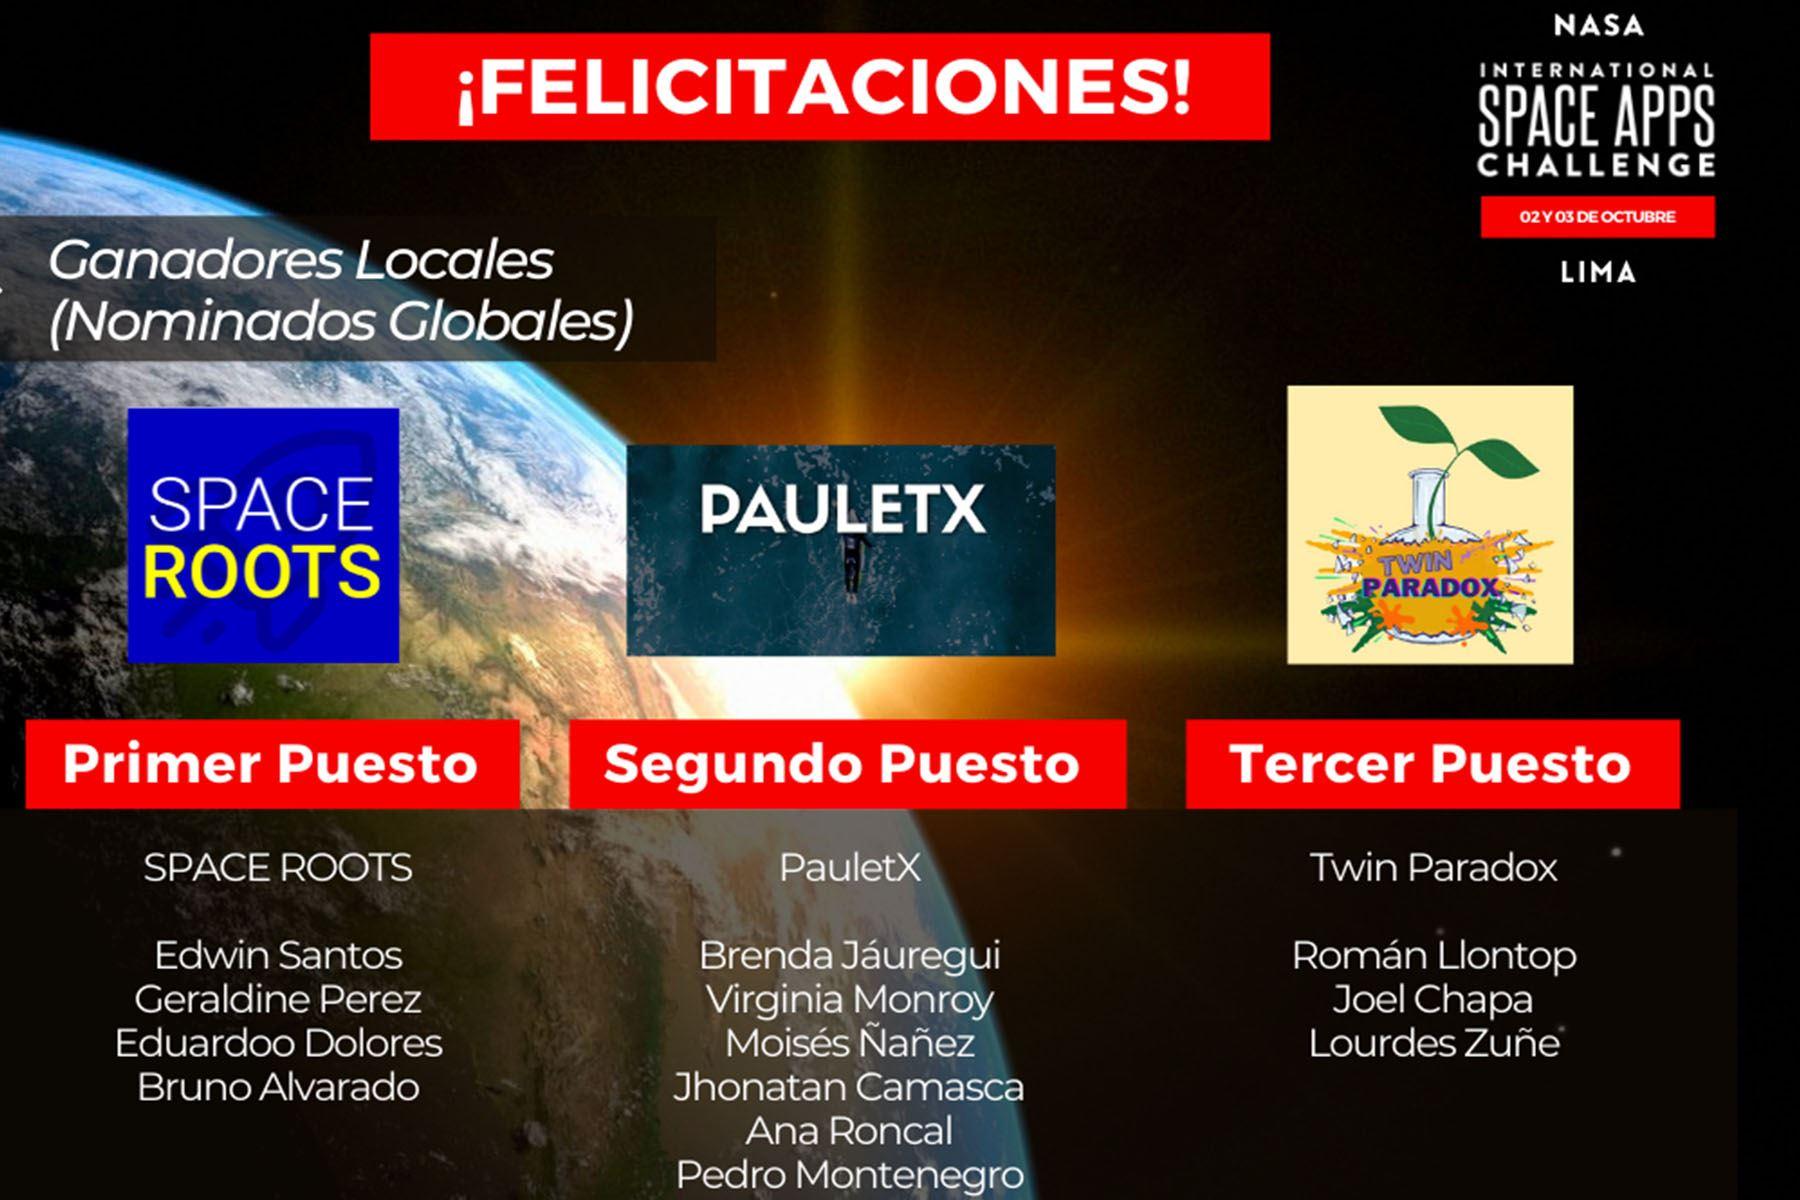 TwinParadox, PauletX y Space Roots representarán al Perú en las etapas internacionales del eventoNASA Space Apps 2021